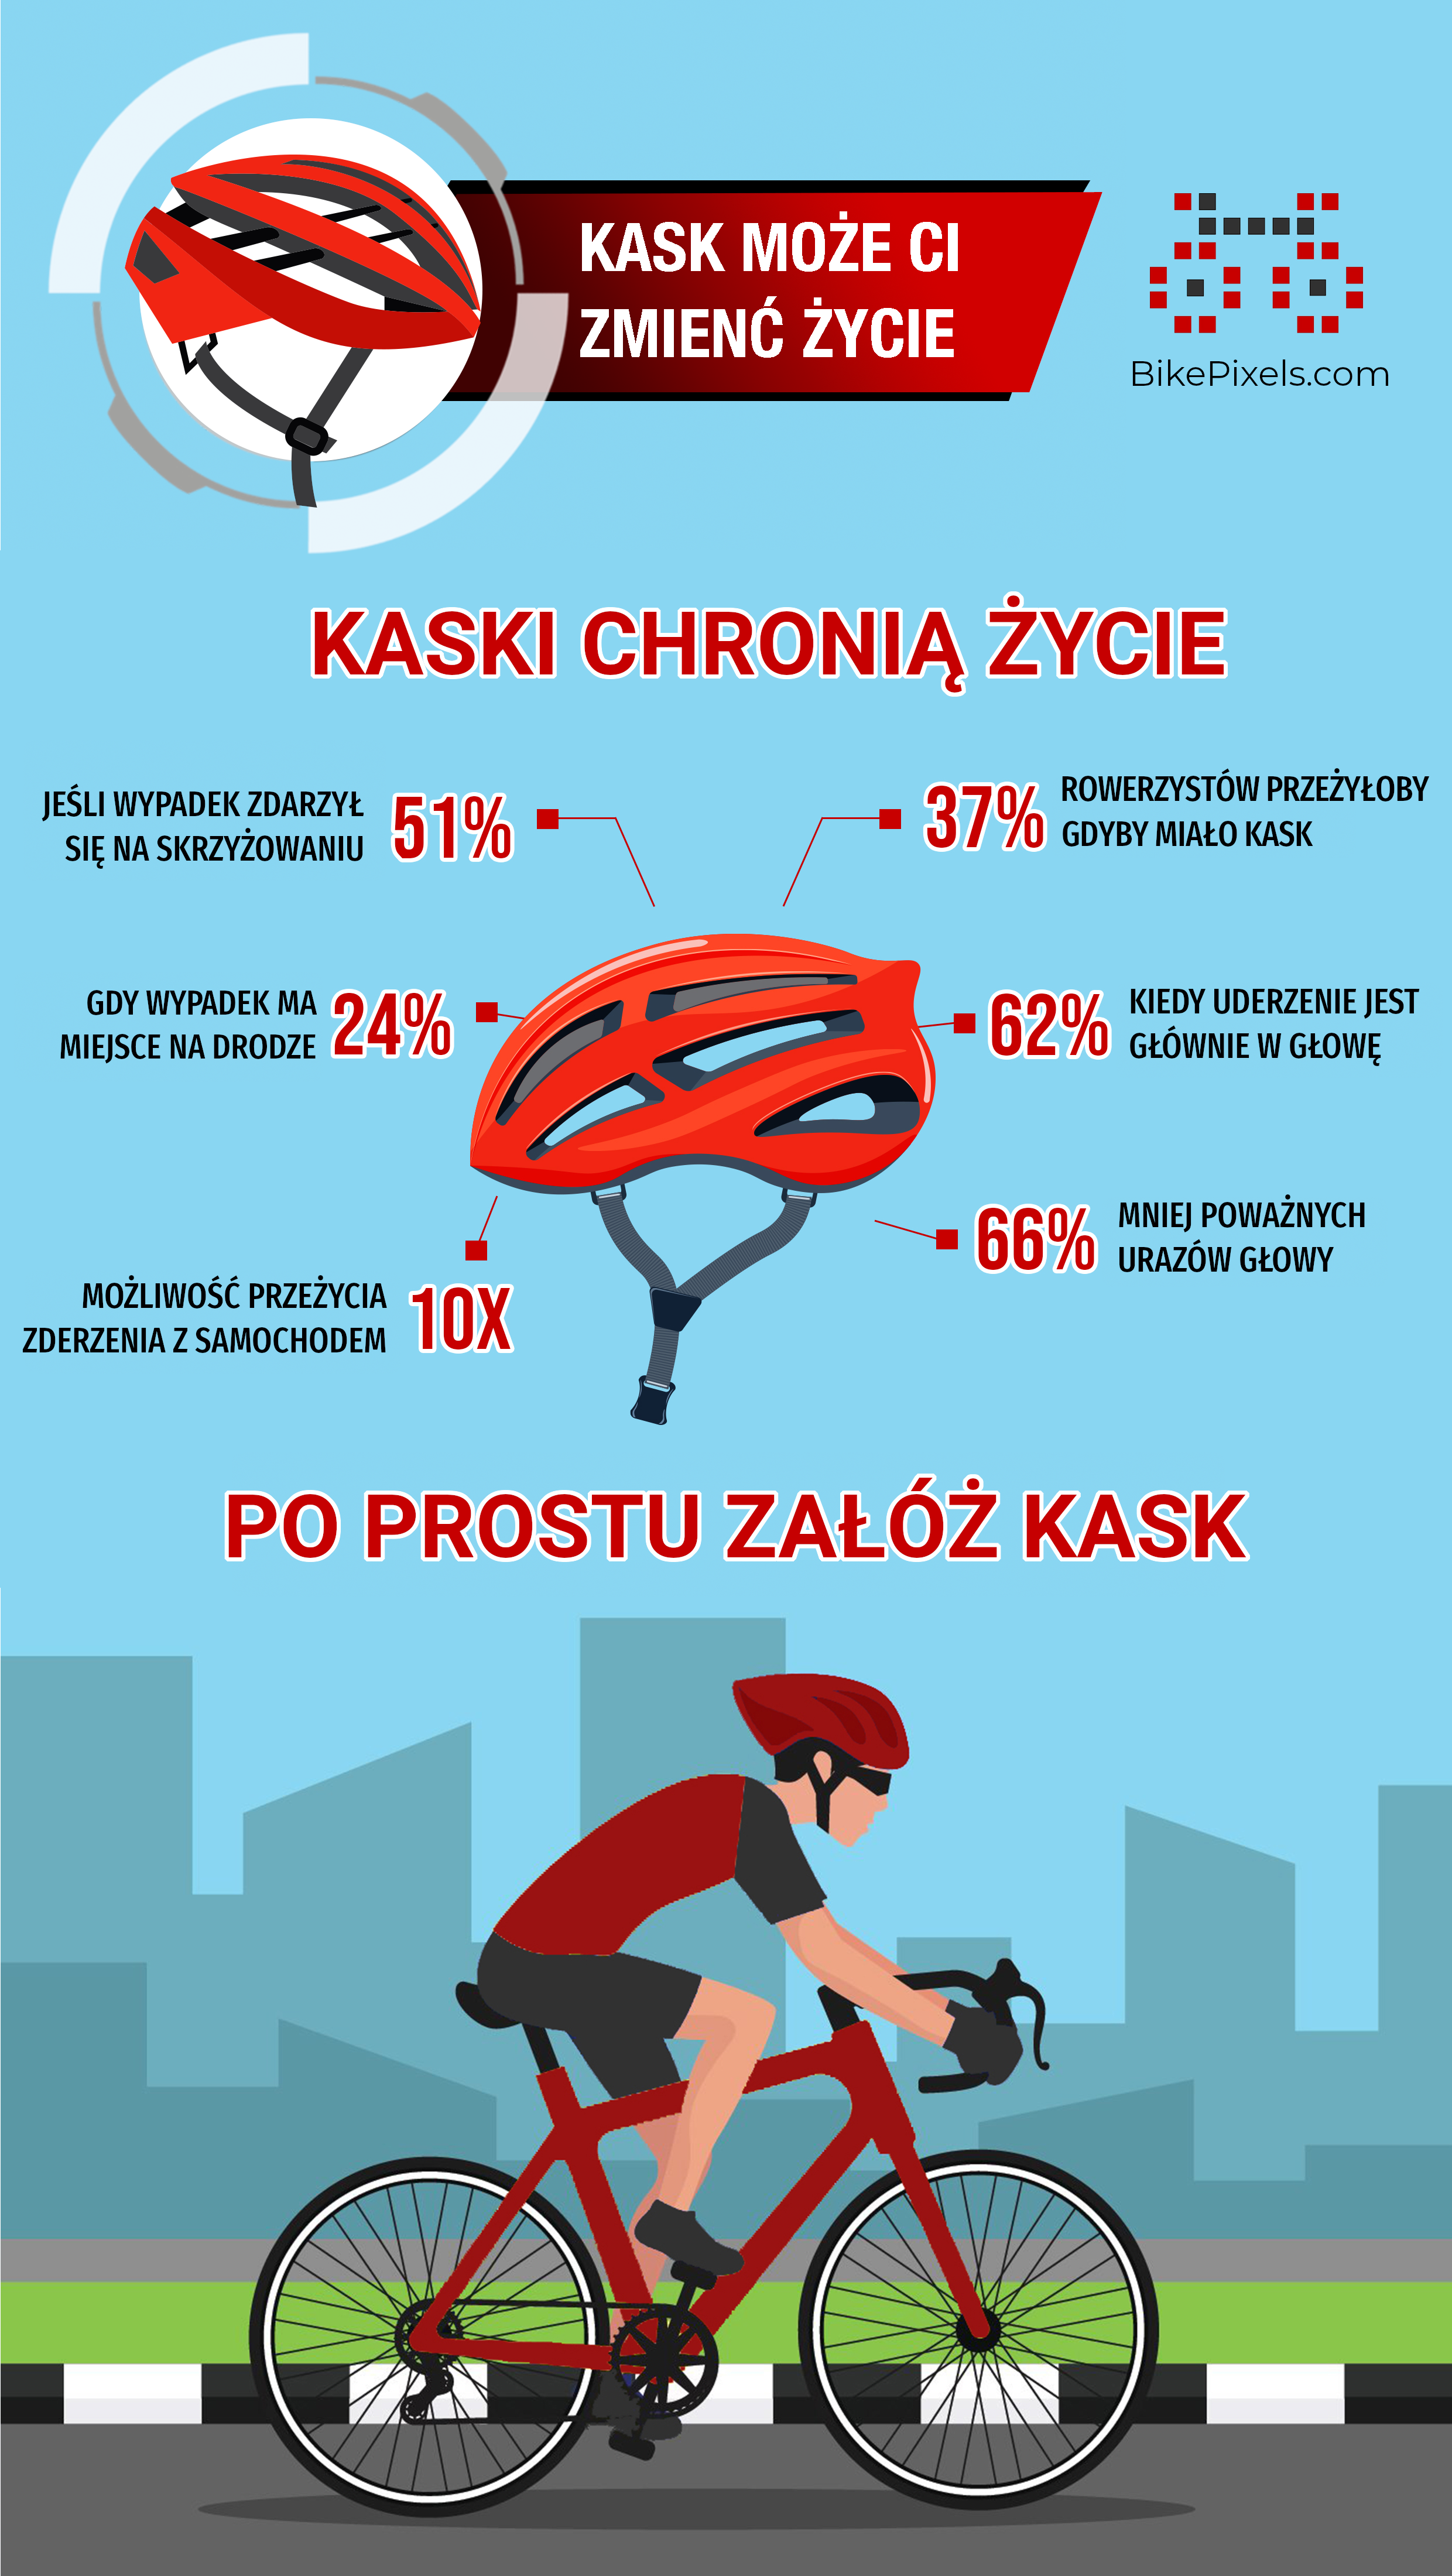 Infografika przedstawiająca statystyki dotyczące zmniejszenia ryzyka śmierci i poważnych obrażeń dzięki używaniu kasków.